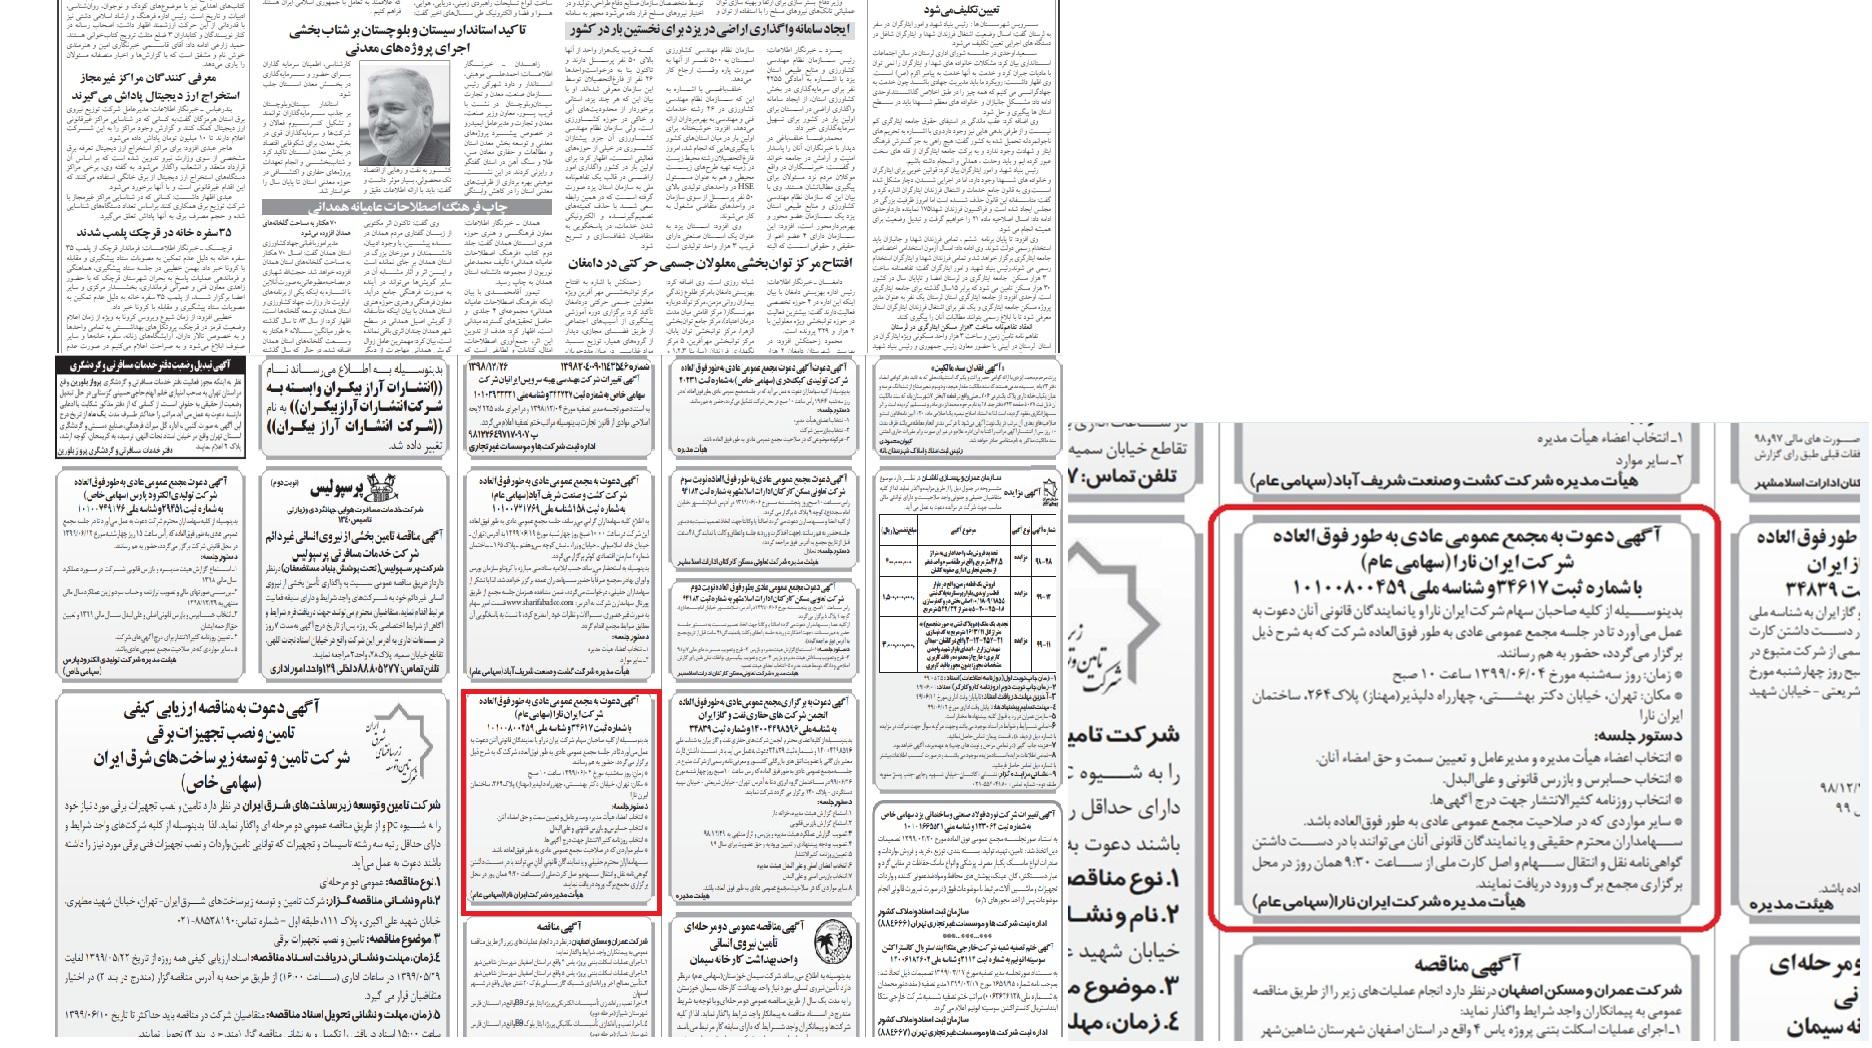 n2 - آگهی دعوت به مجمع عمومی عادی به طور فوق العاده شرکت ایران نارا(سهامی عام)